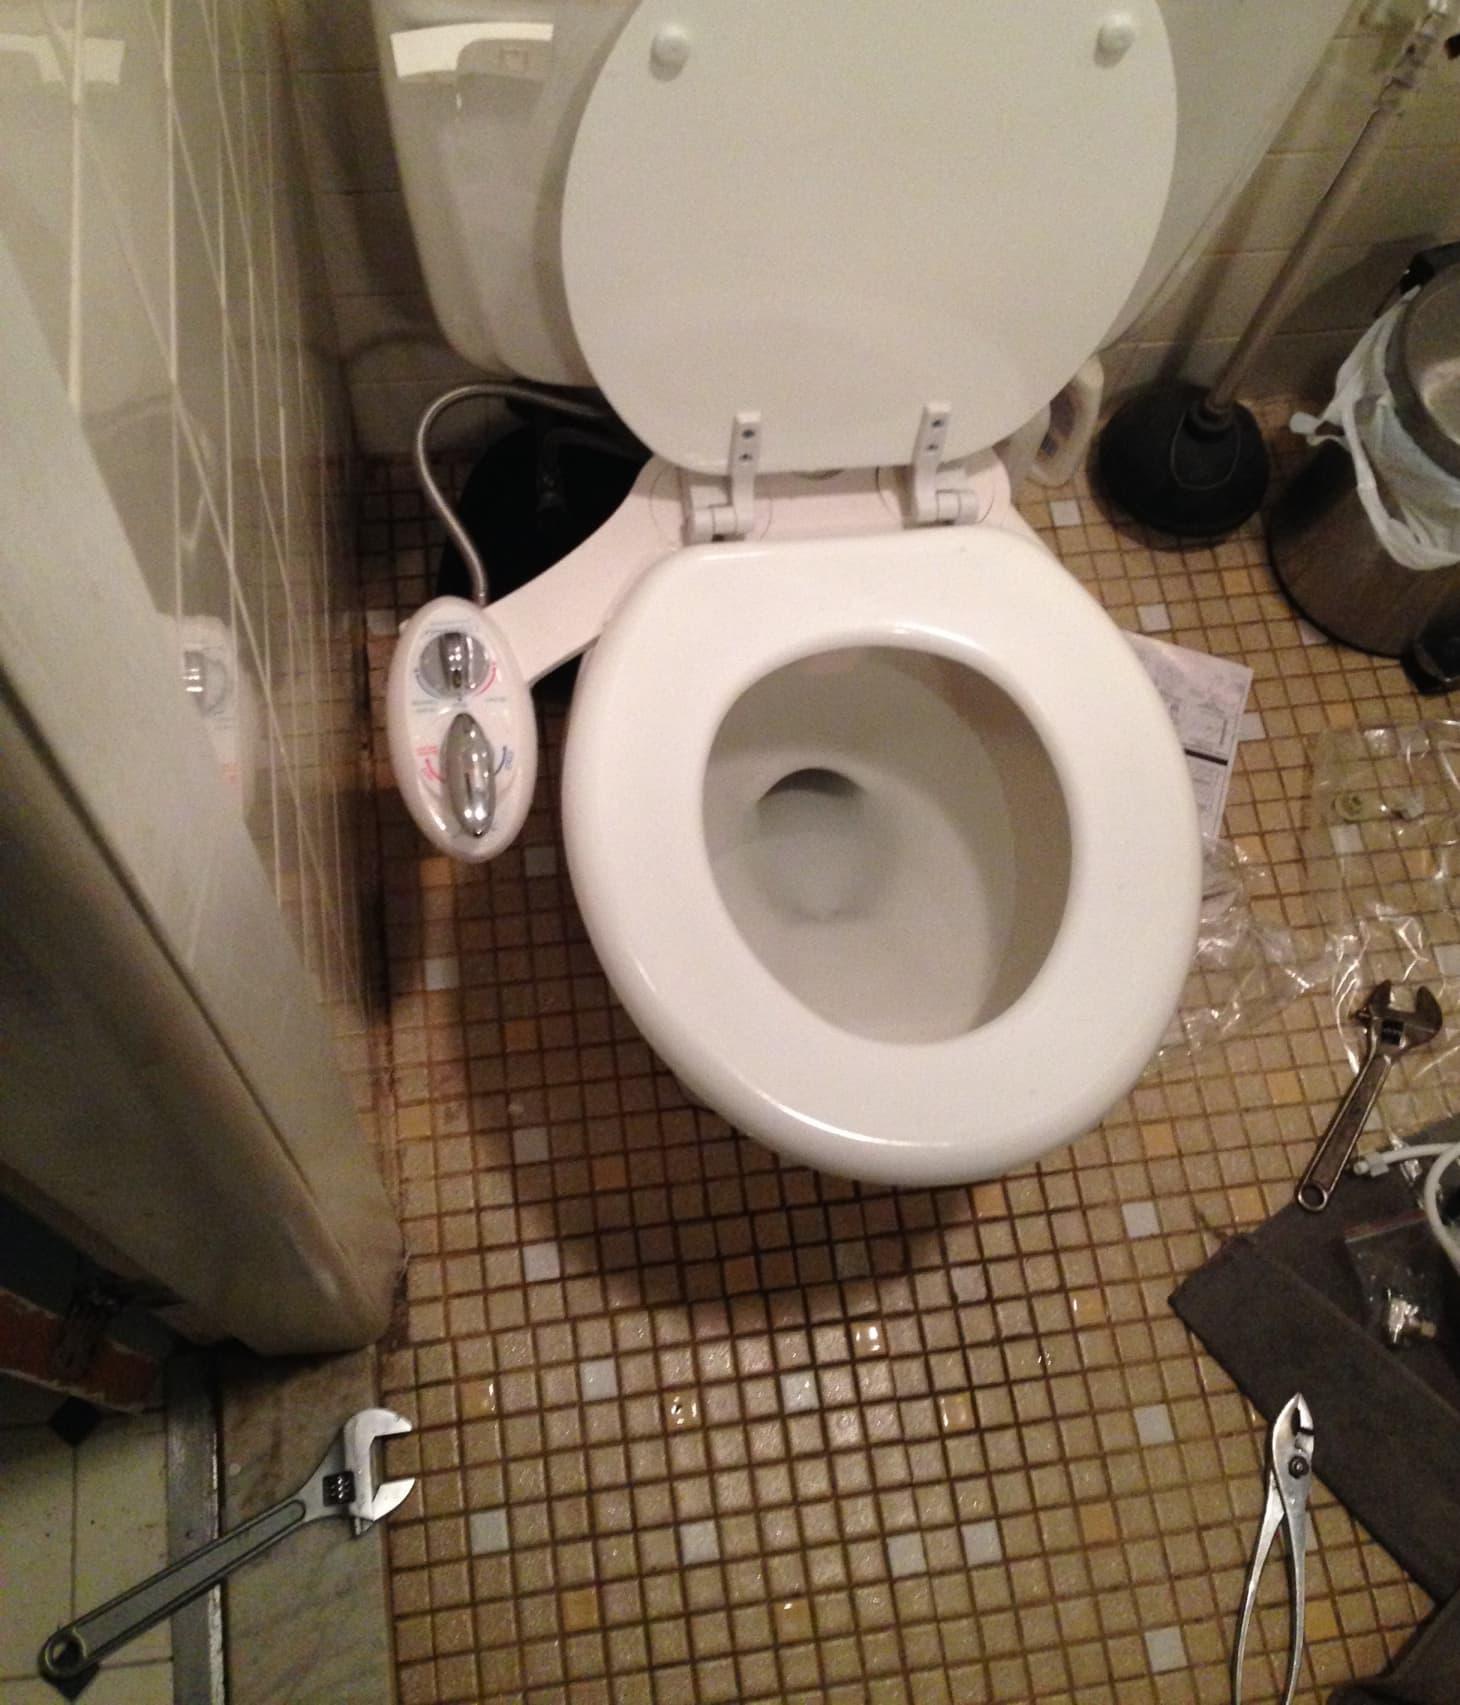 Pleasing Under 100 Toilet Seat Bidets Reviews Installation Info Machost Co Dining Chair Design Ideas Machostcouk